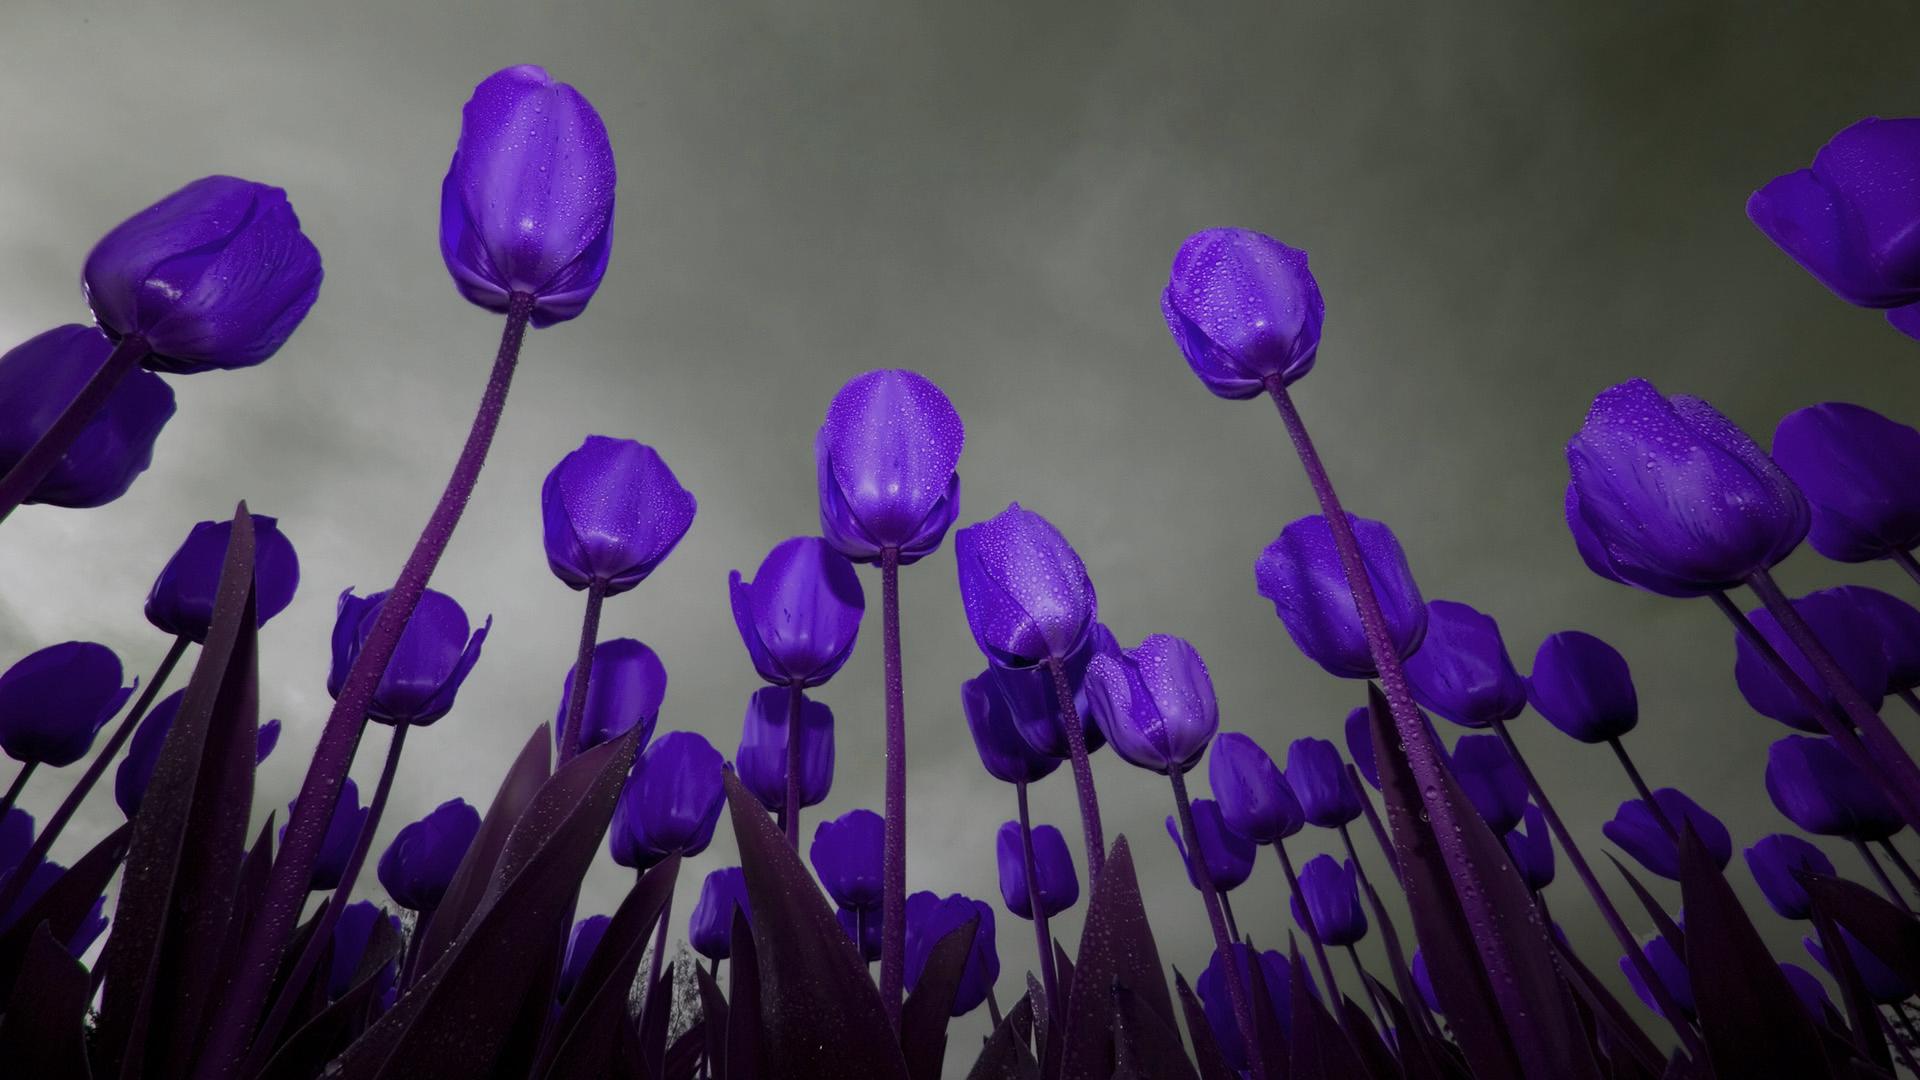 Tulipan Fondo De Pantalla Hd Fondo De Escritorio 1920x1080 Id